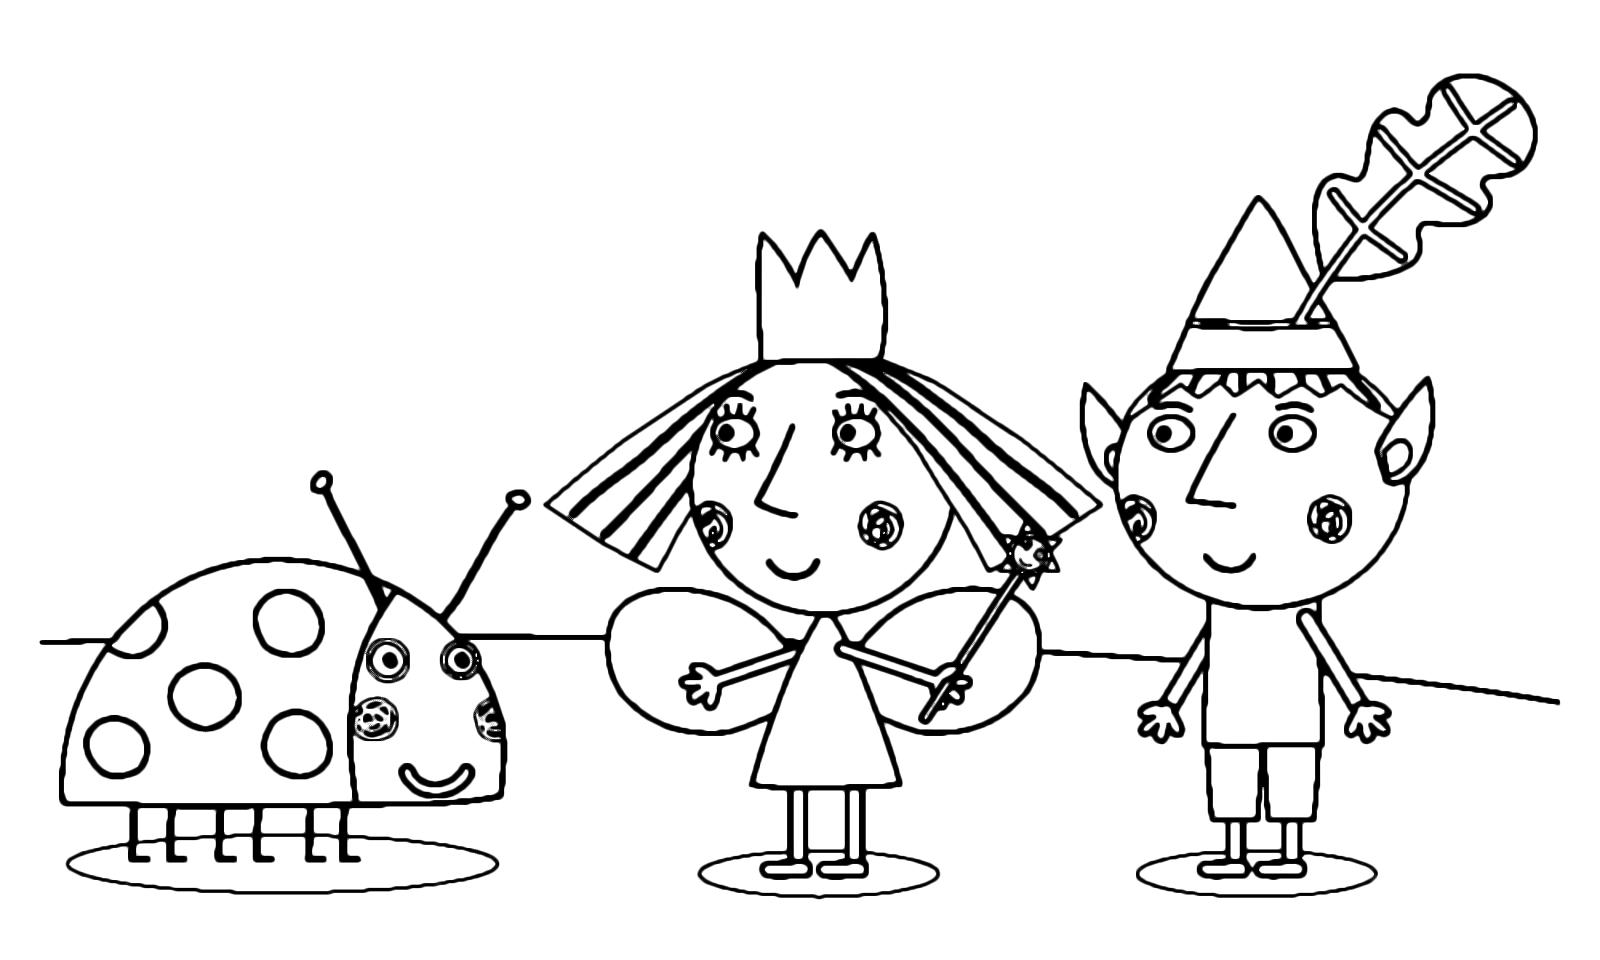 Dibujos De Ben Y Holly Para Colorear Imprimir: Ben & Holly's Little Kingdom